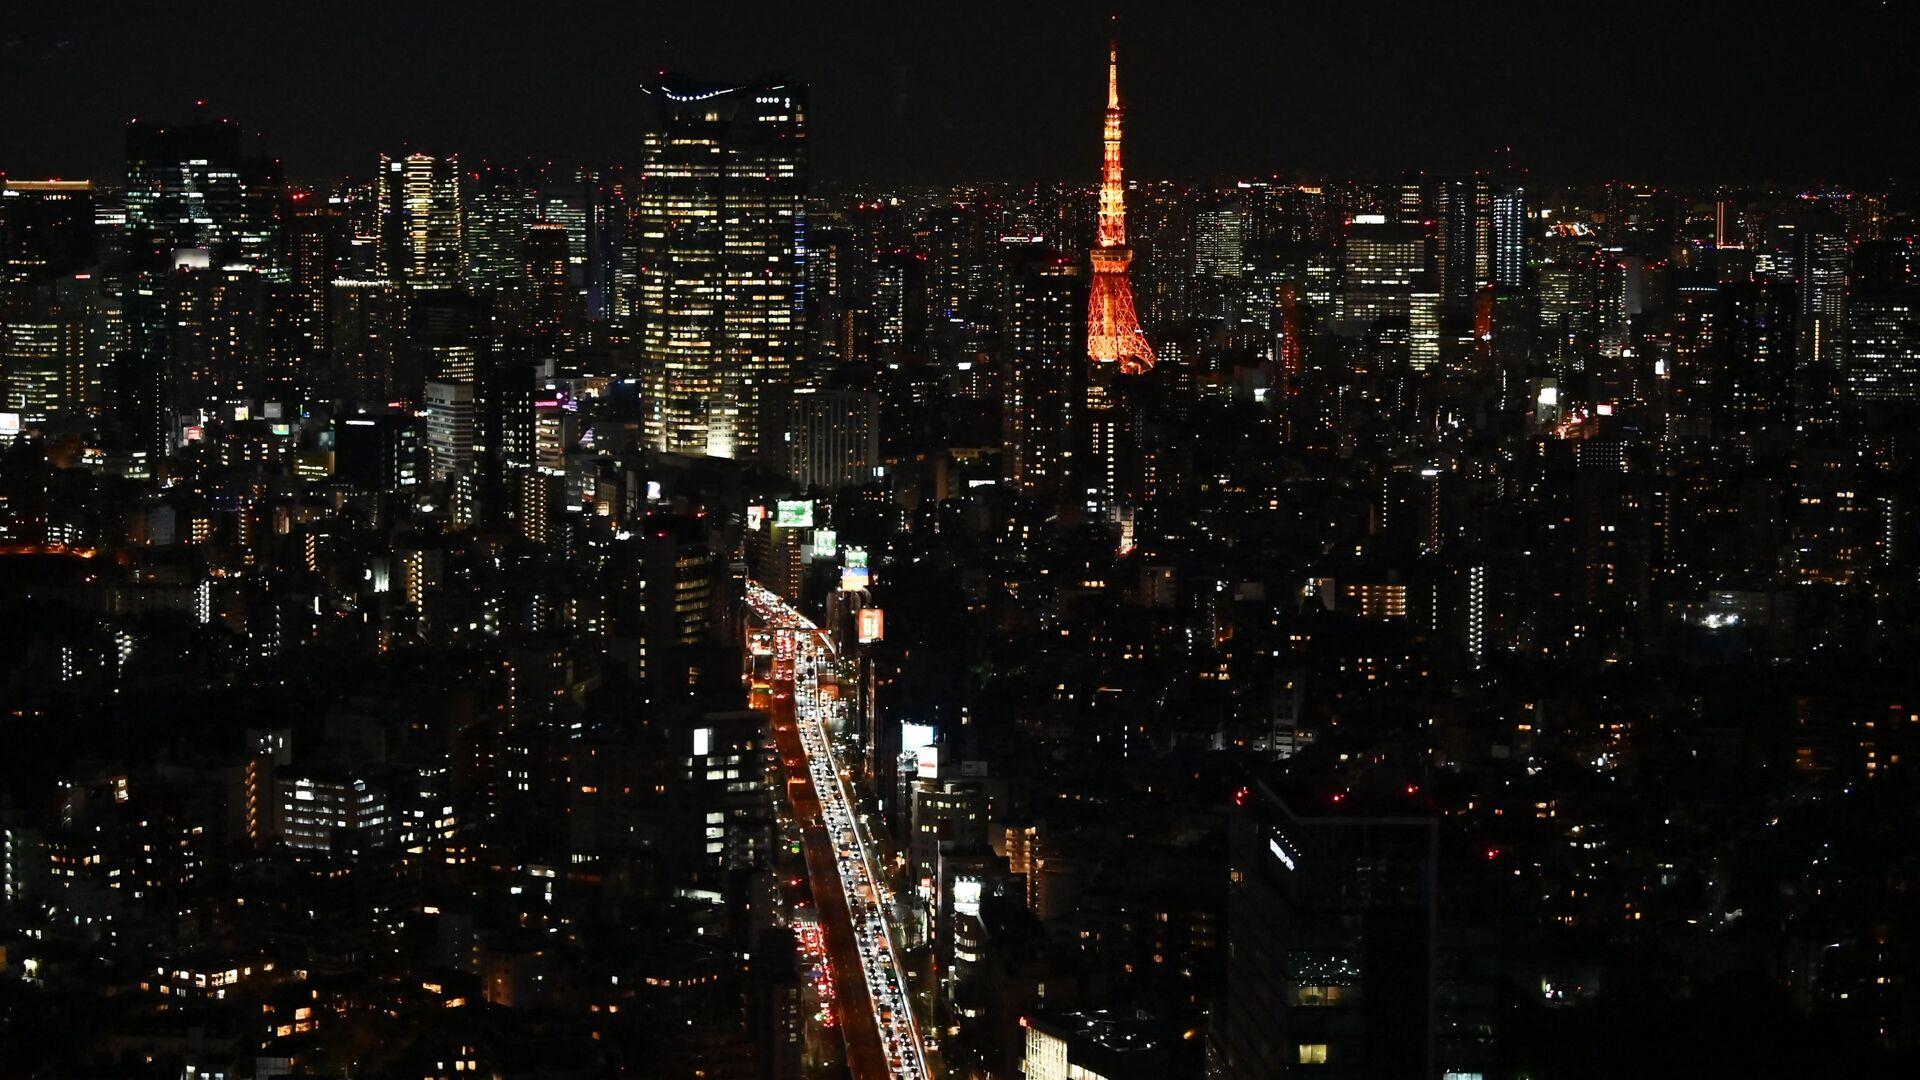 Вид на Токио, фото из архива - Sputnik Азербайджан, 1920, 26.07.2021